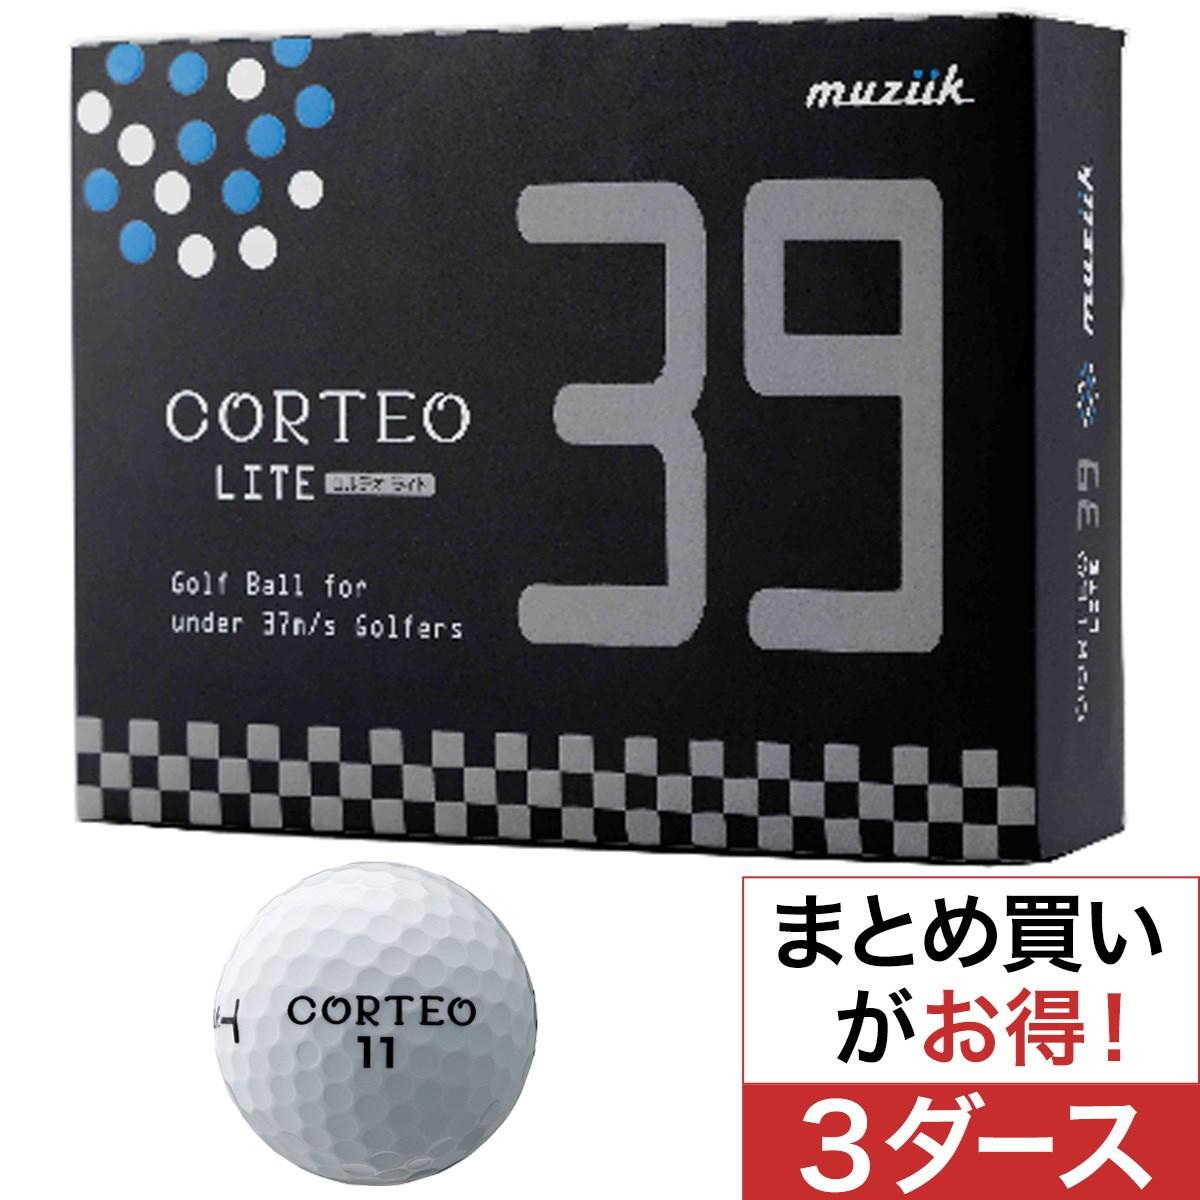 ムジーク コルテオライト39 ボール 3ダースセットレディス